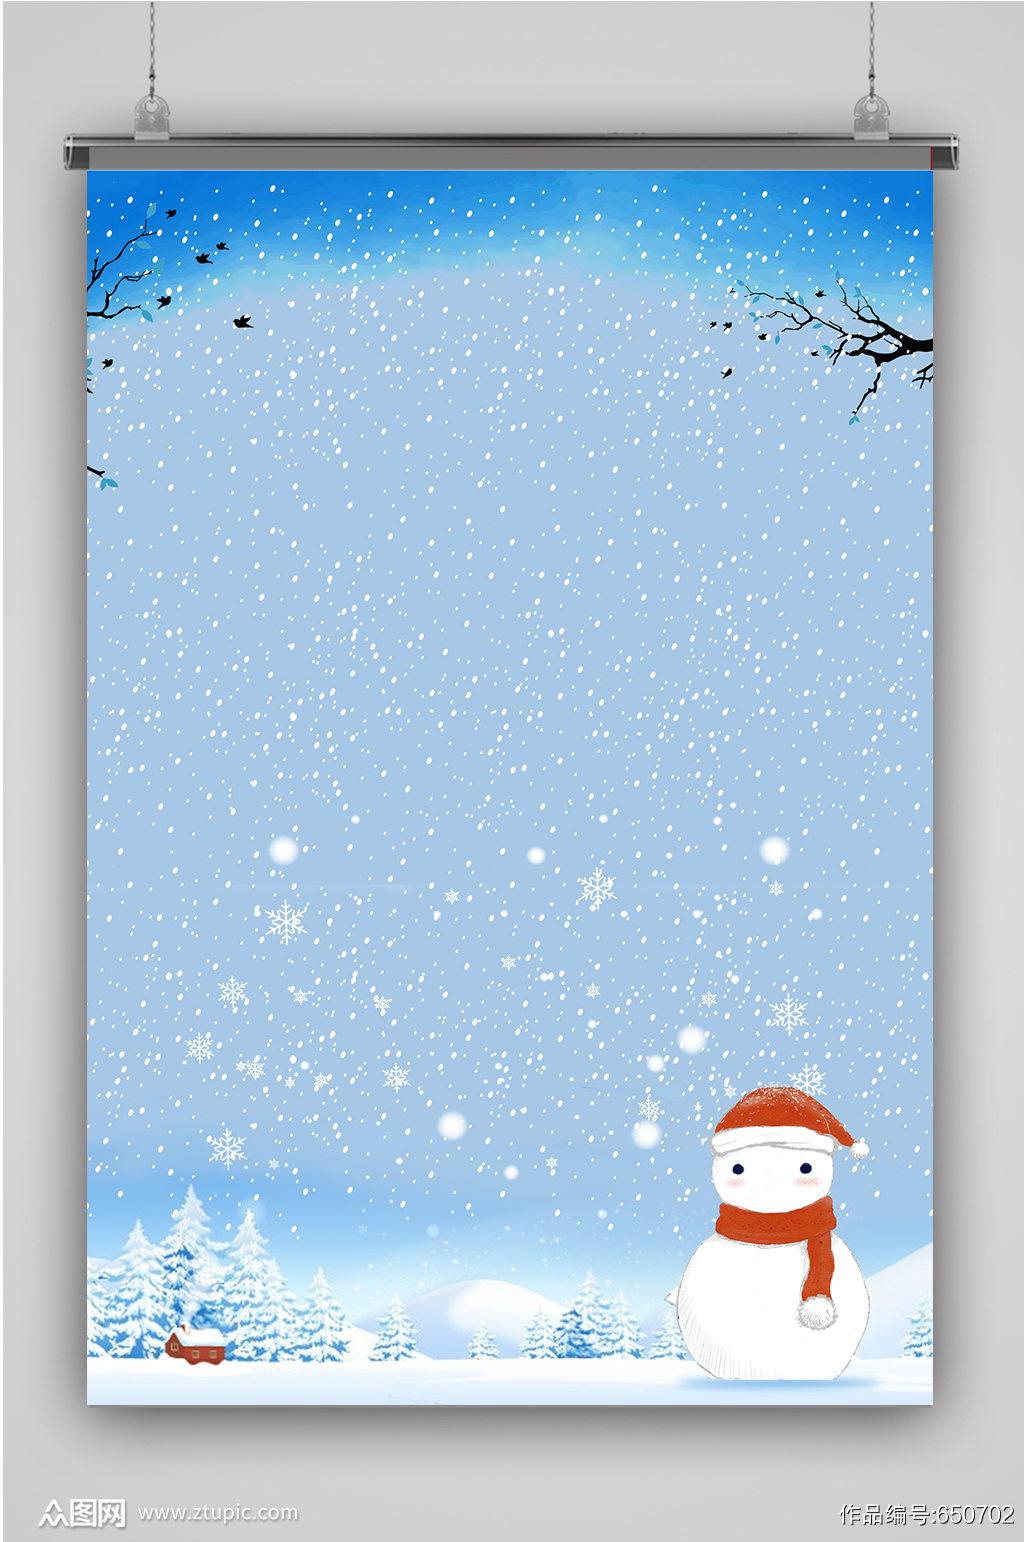 卡通雪人圣诞节海报背景素材